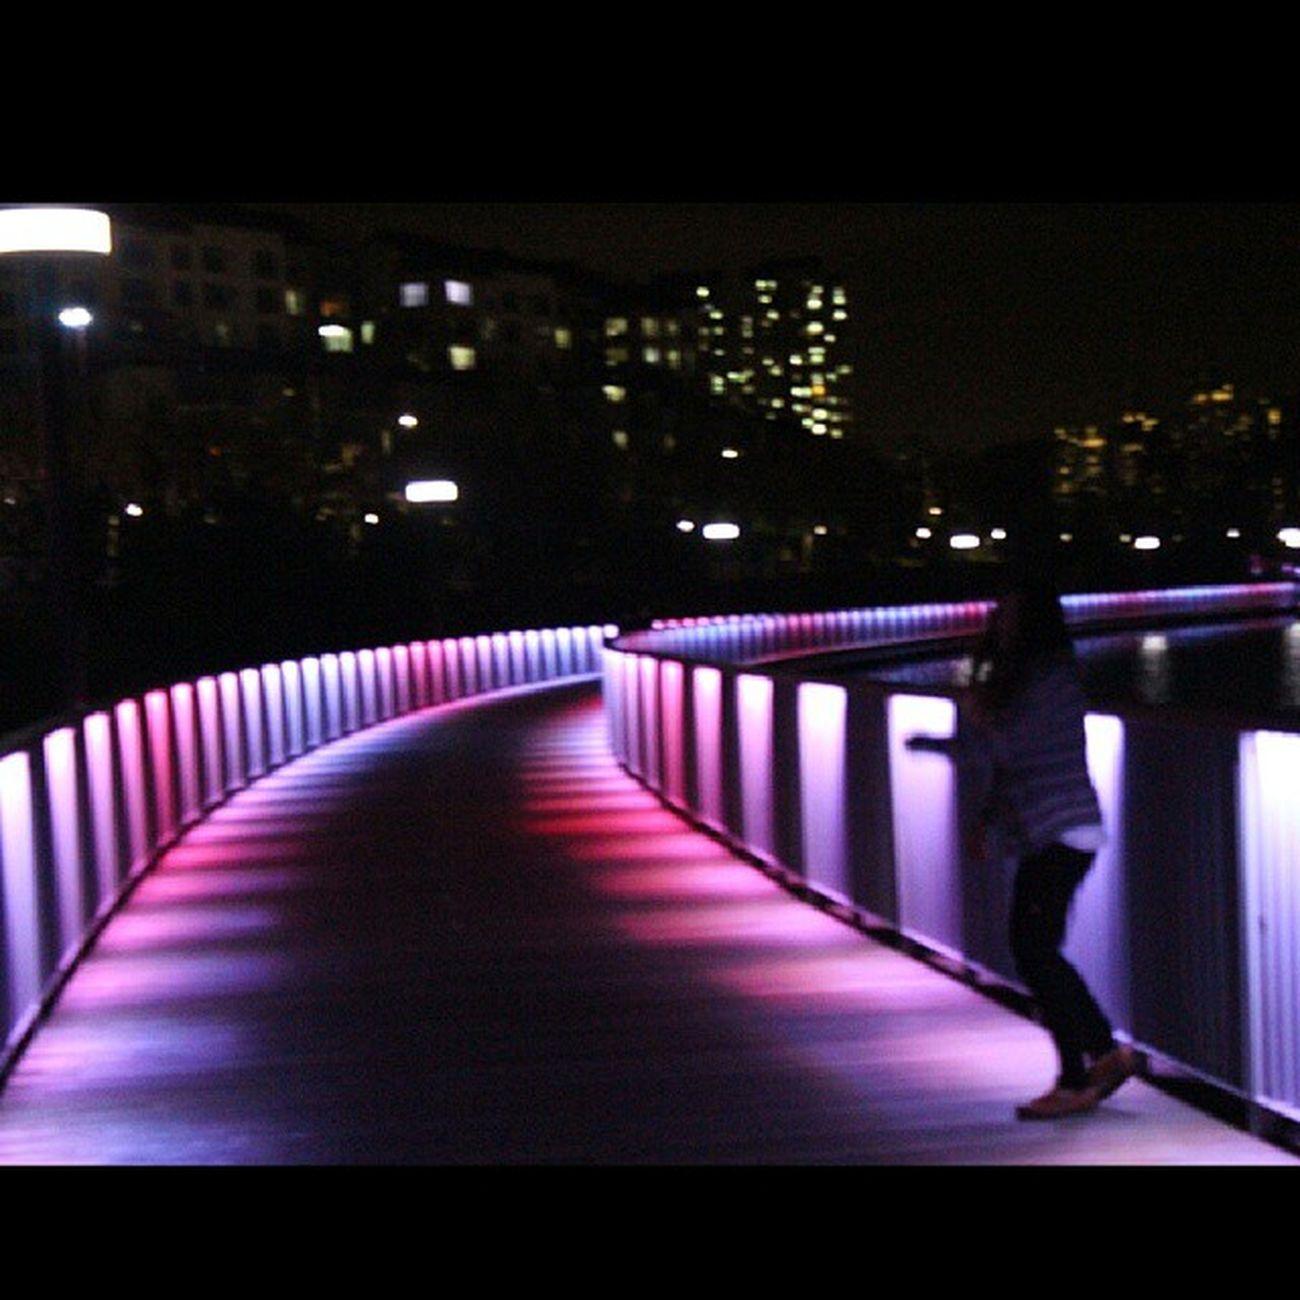 여기 너무맘에들어???광교 호수공원 야경🌉 드라이브🚗 산책? 散歩ドライブ綺麗